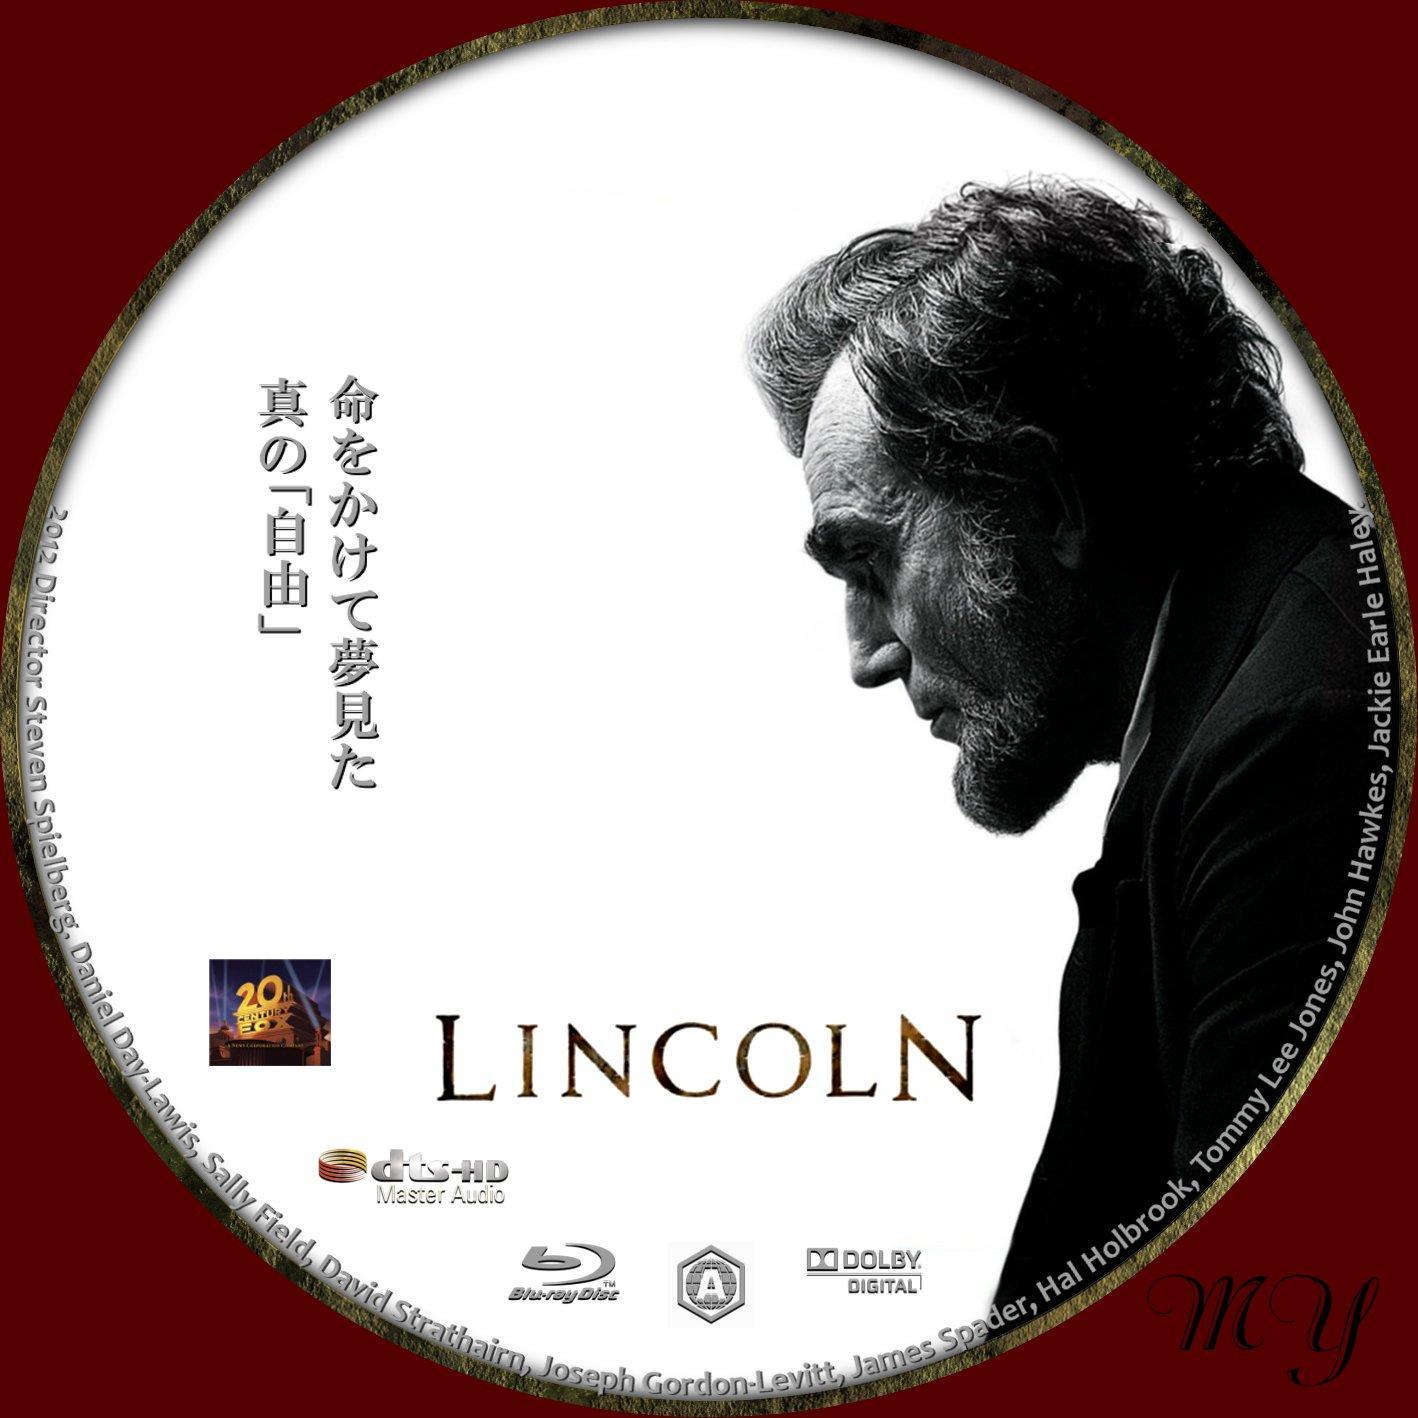 リンカーン My Dvd らべるこれくしょん